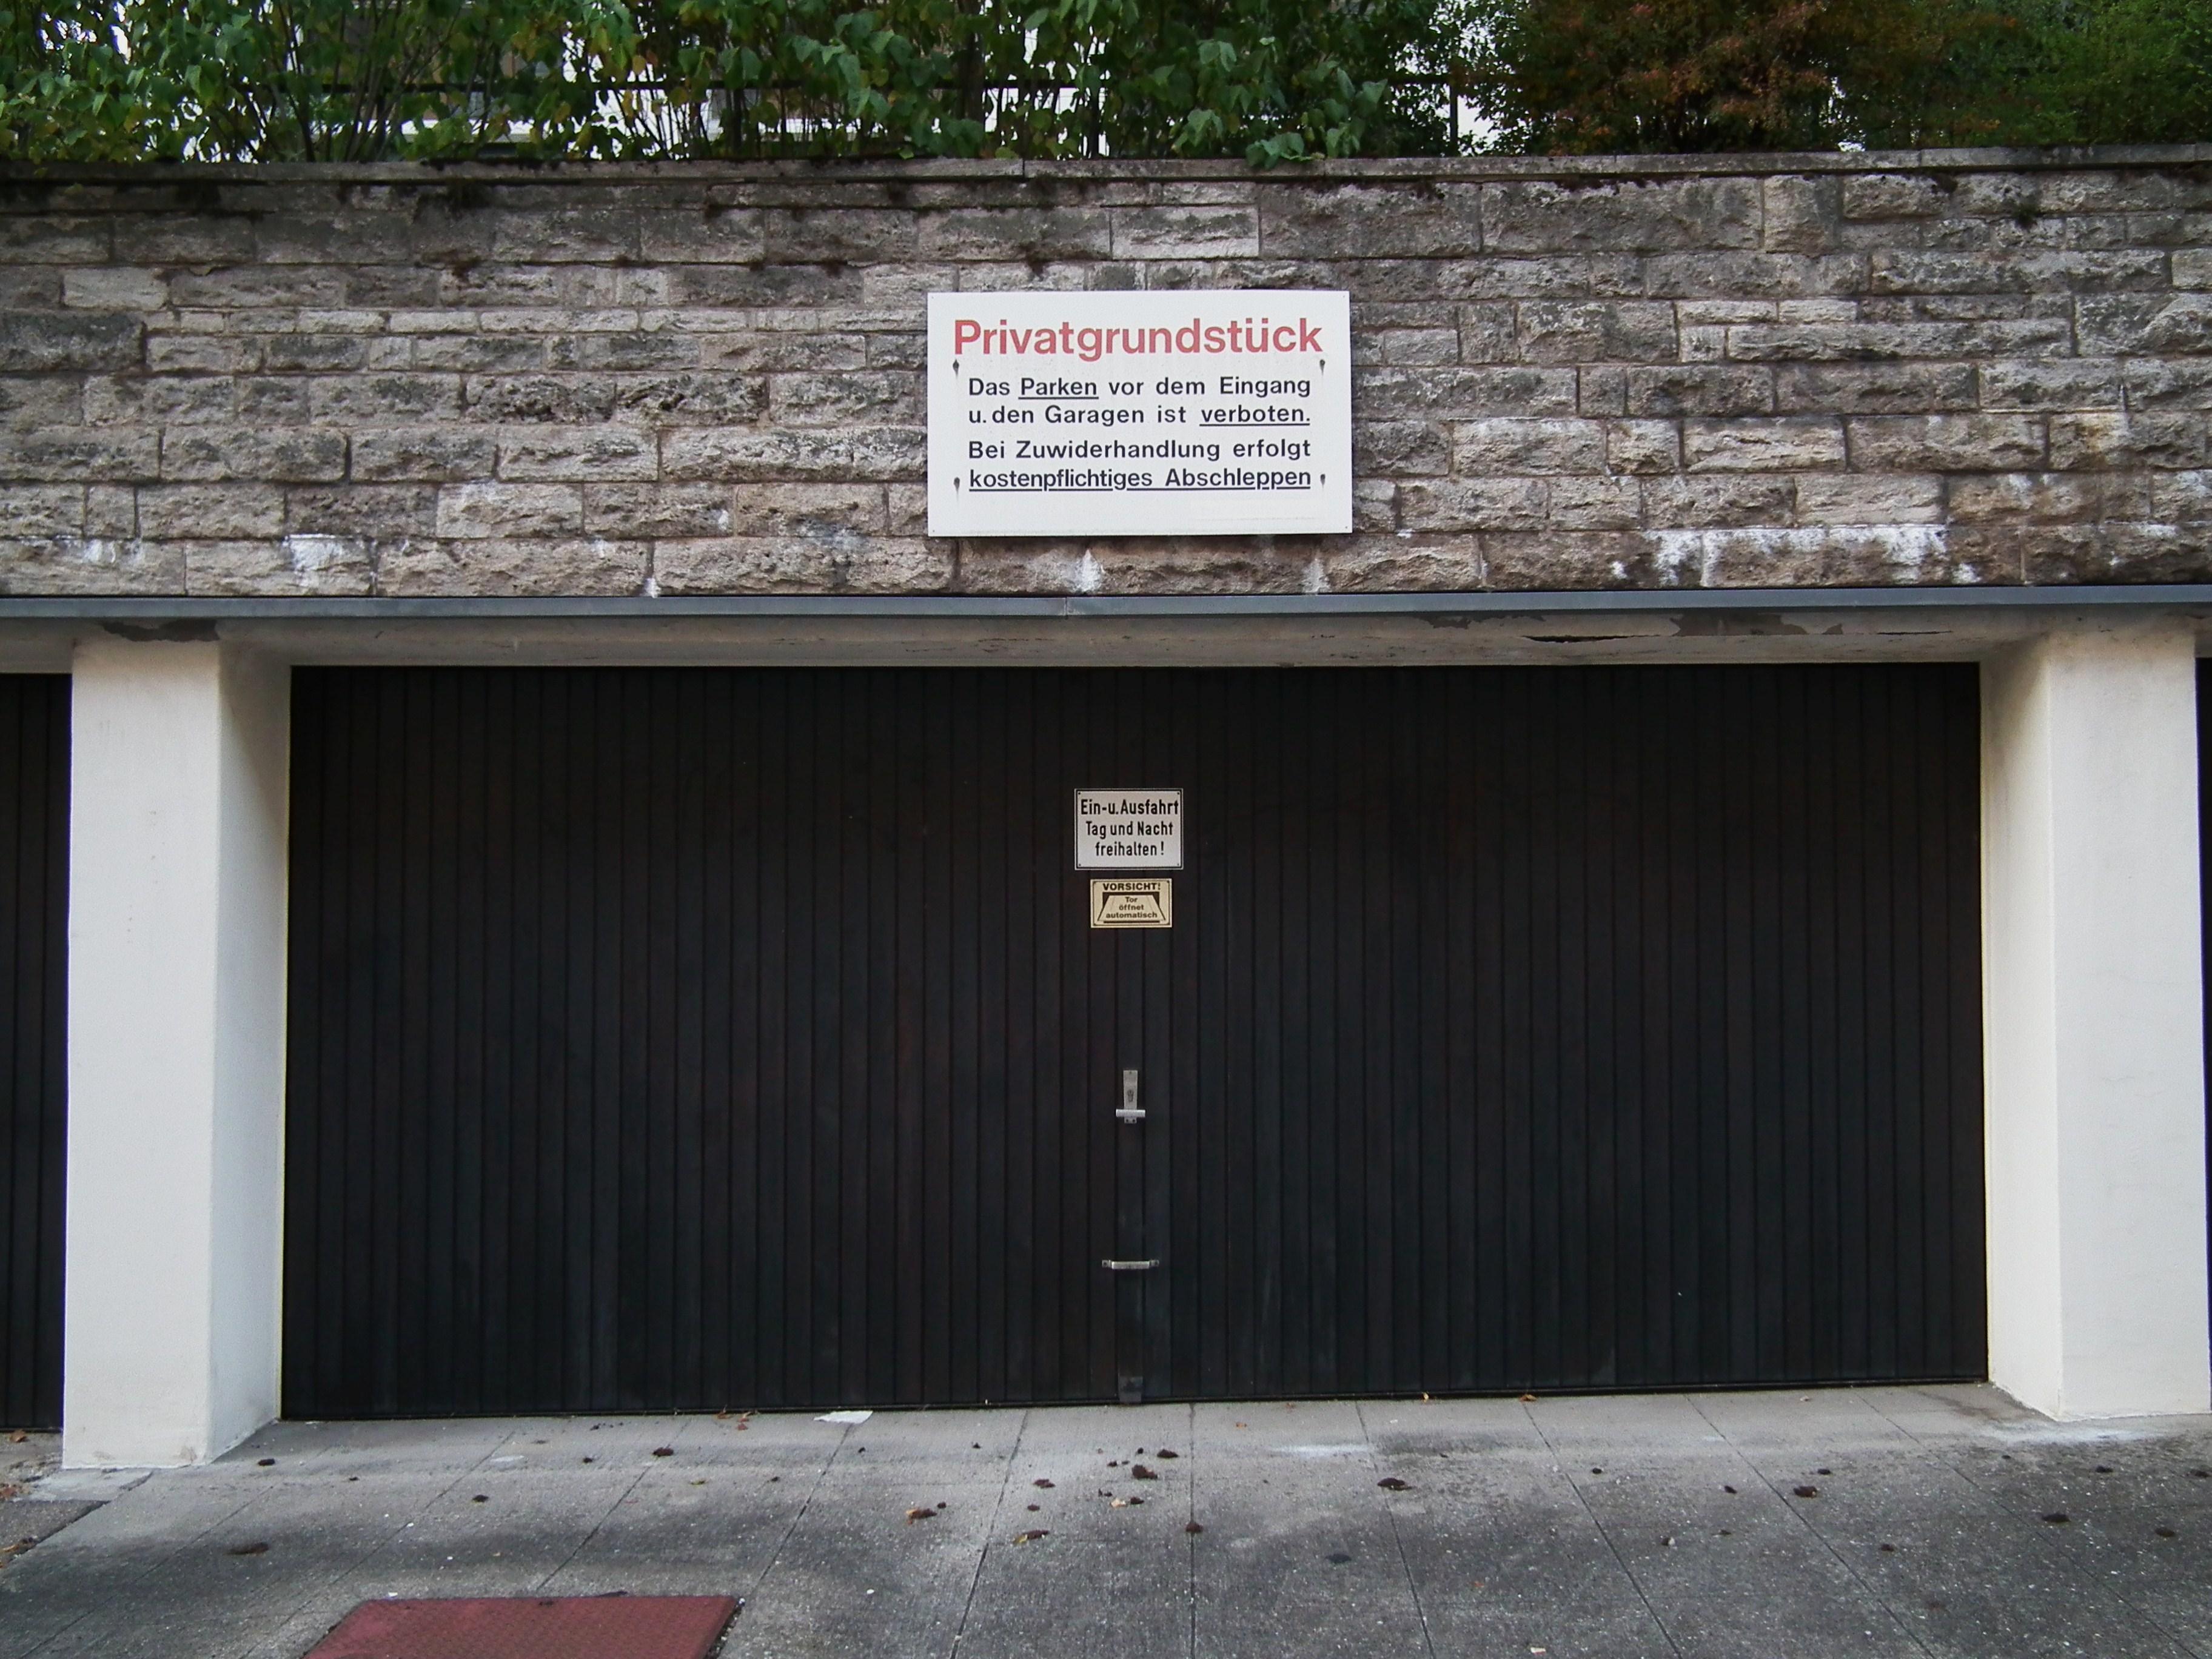 Doppelgarage  File:Doppelgarage Stuttgart September 2011.JPG - Wikimedia Commons